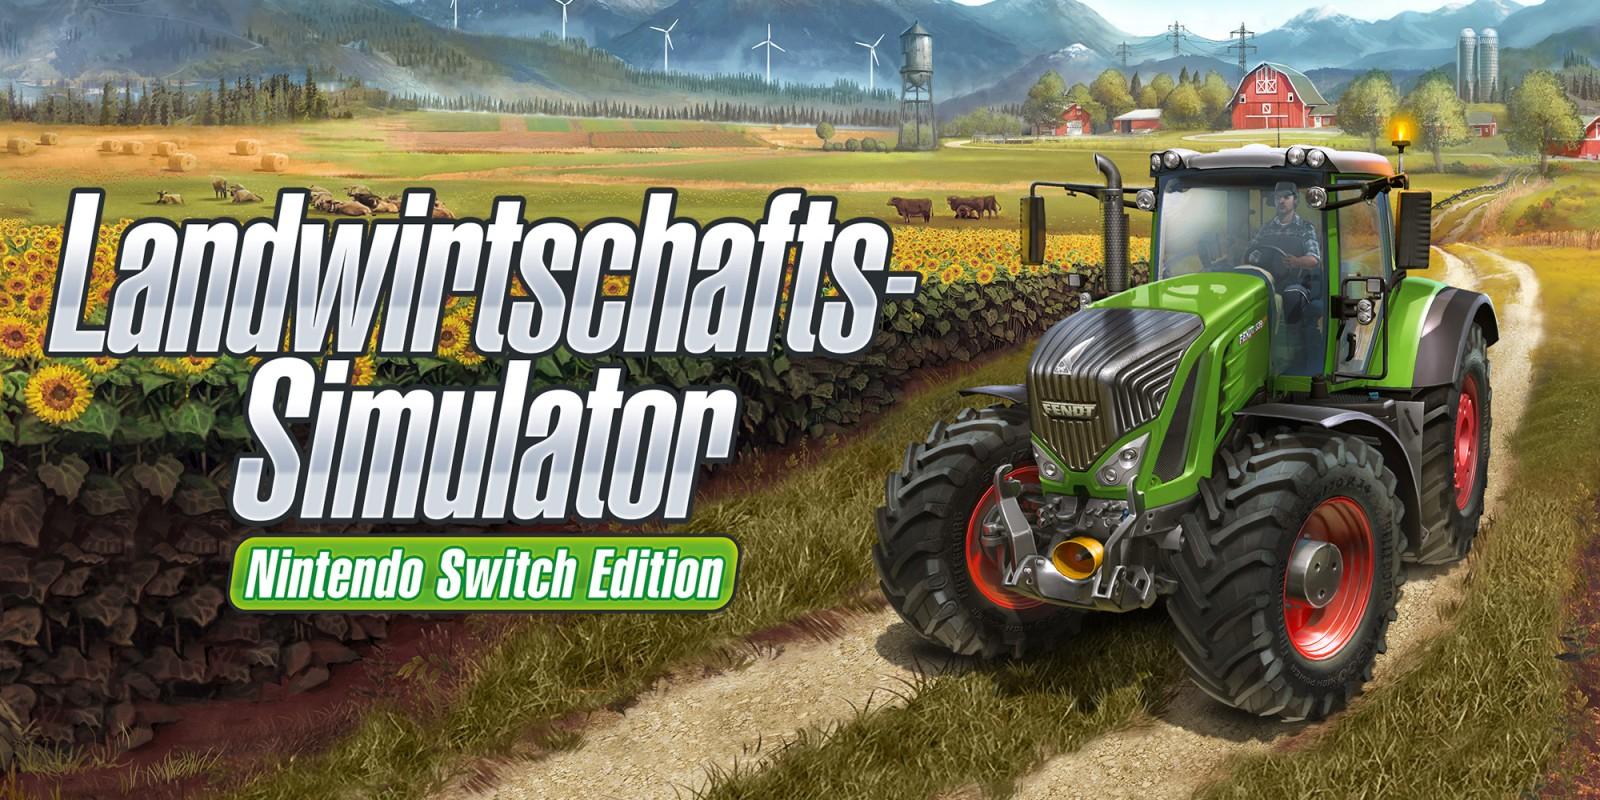 Landwirtschafts-Simulator Nintendo Switch Edition im eshop für 14,99 statt 29,99 EUR